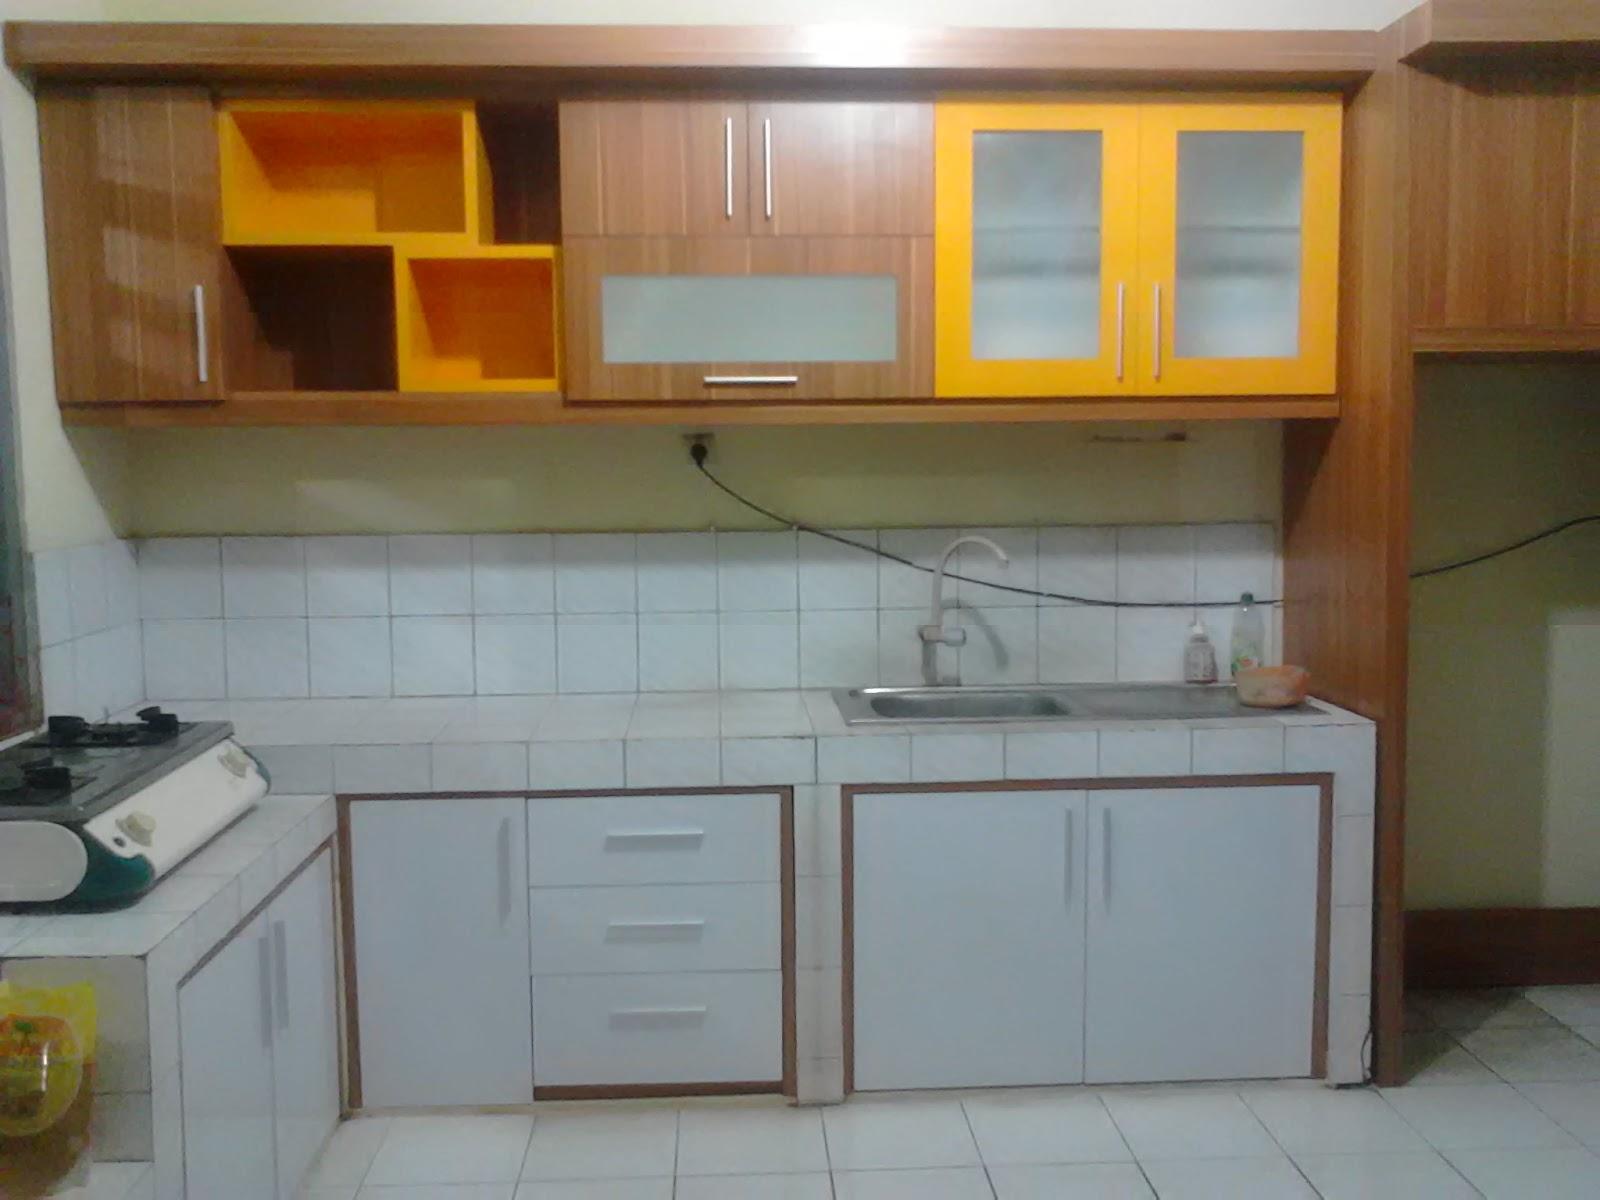 koesam jaya| desain interior sukoharjo , kitchen set sukoharjo ...